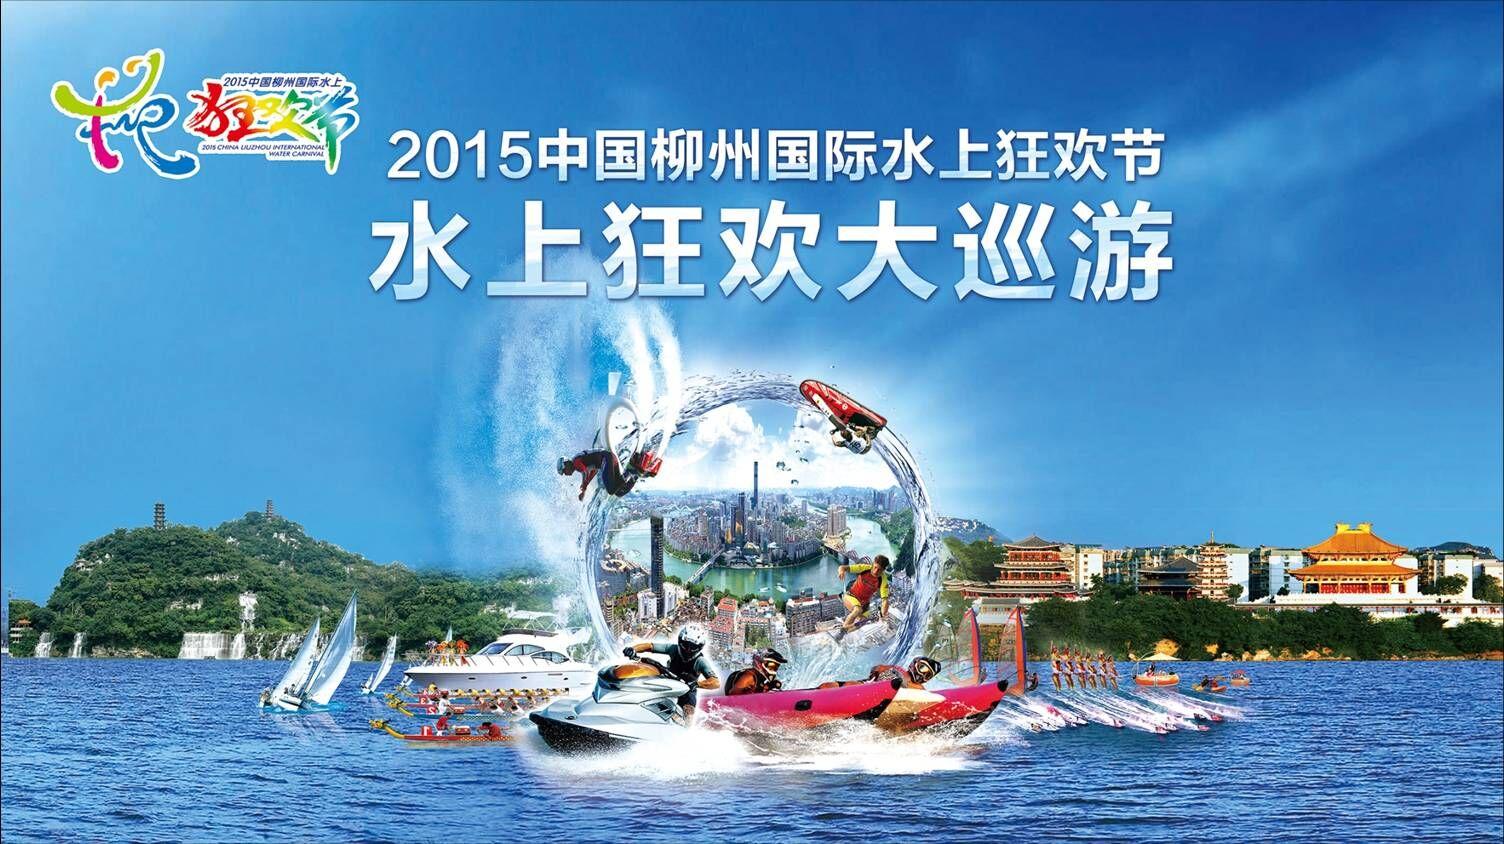 2015中国柳州国际水上狂欢节